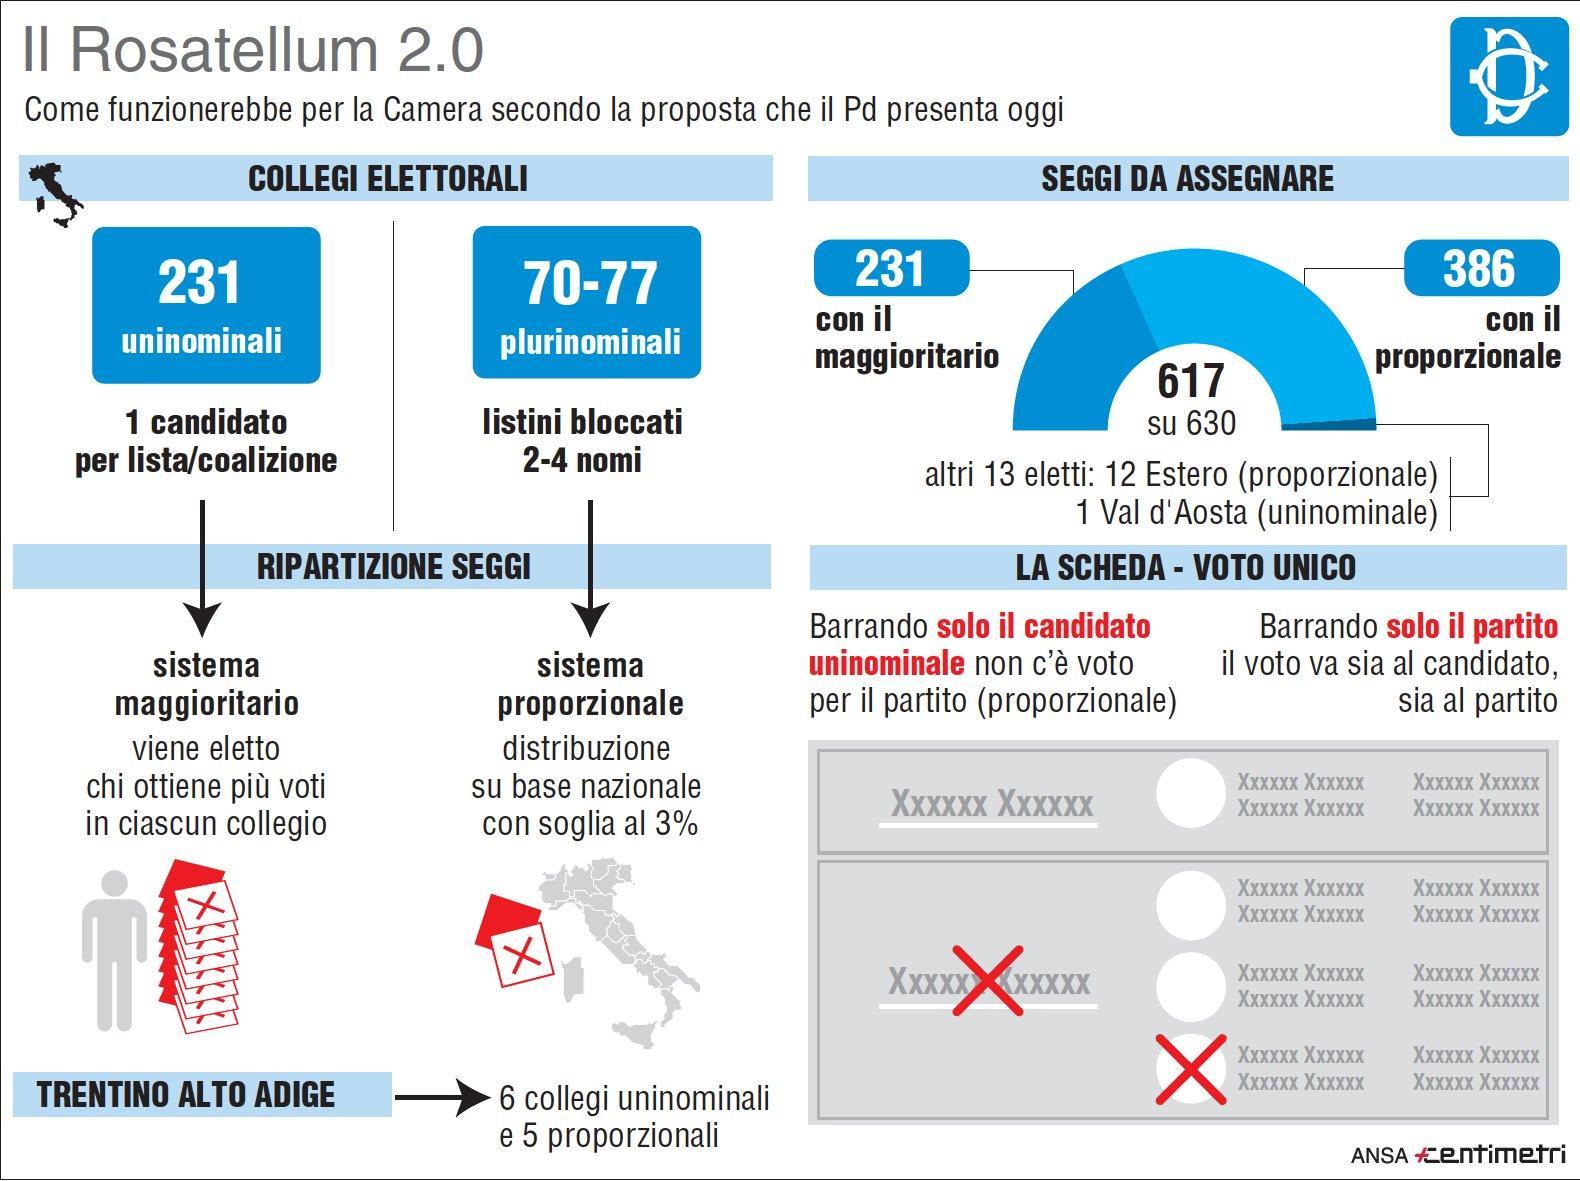 Legge elettorale, cosa prevede il Rosatellum 2.0